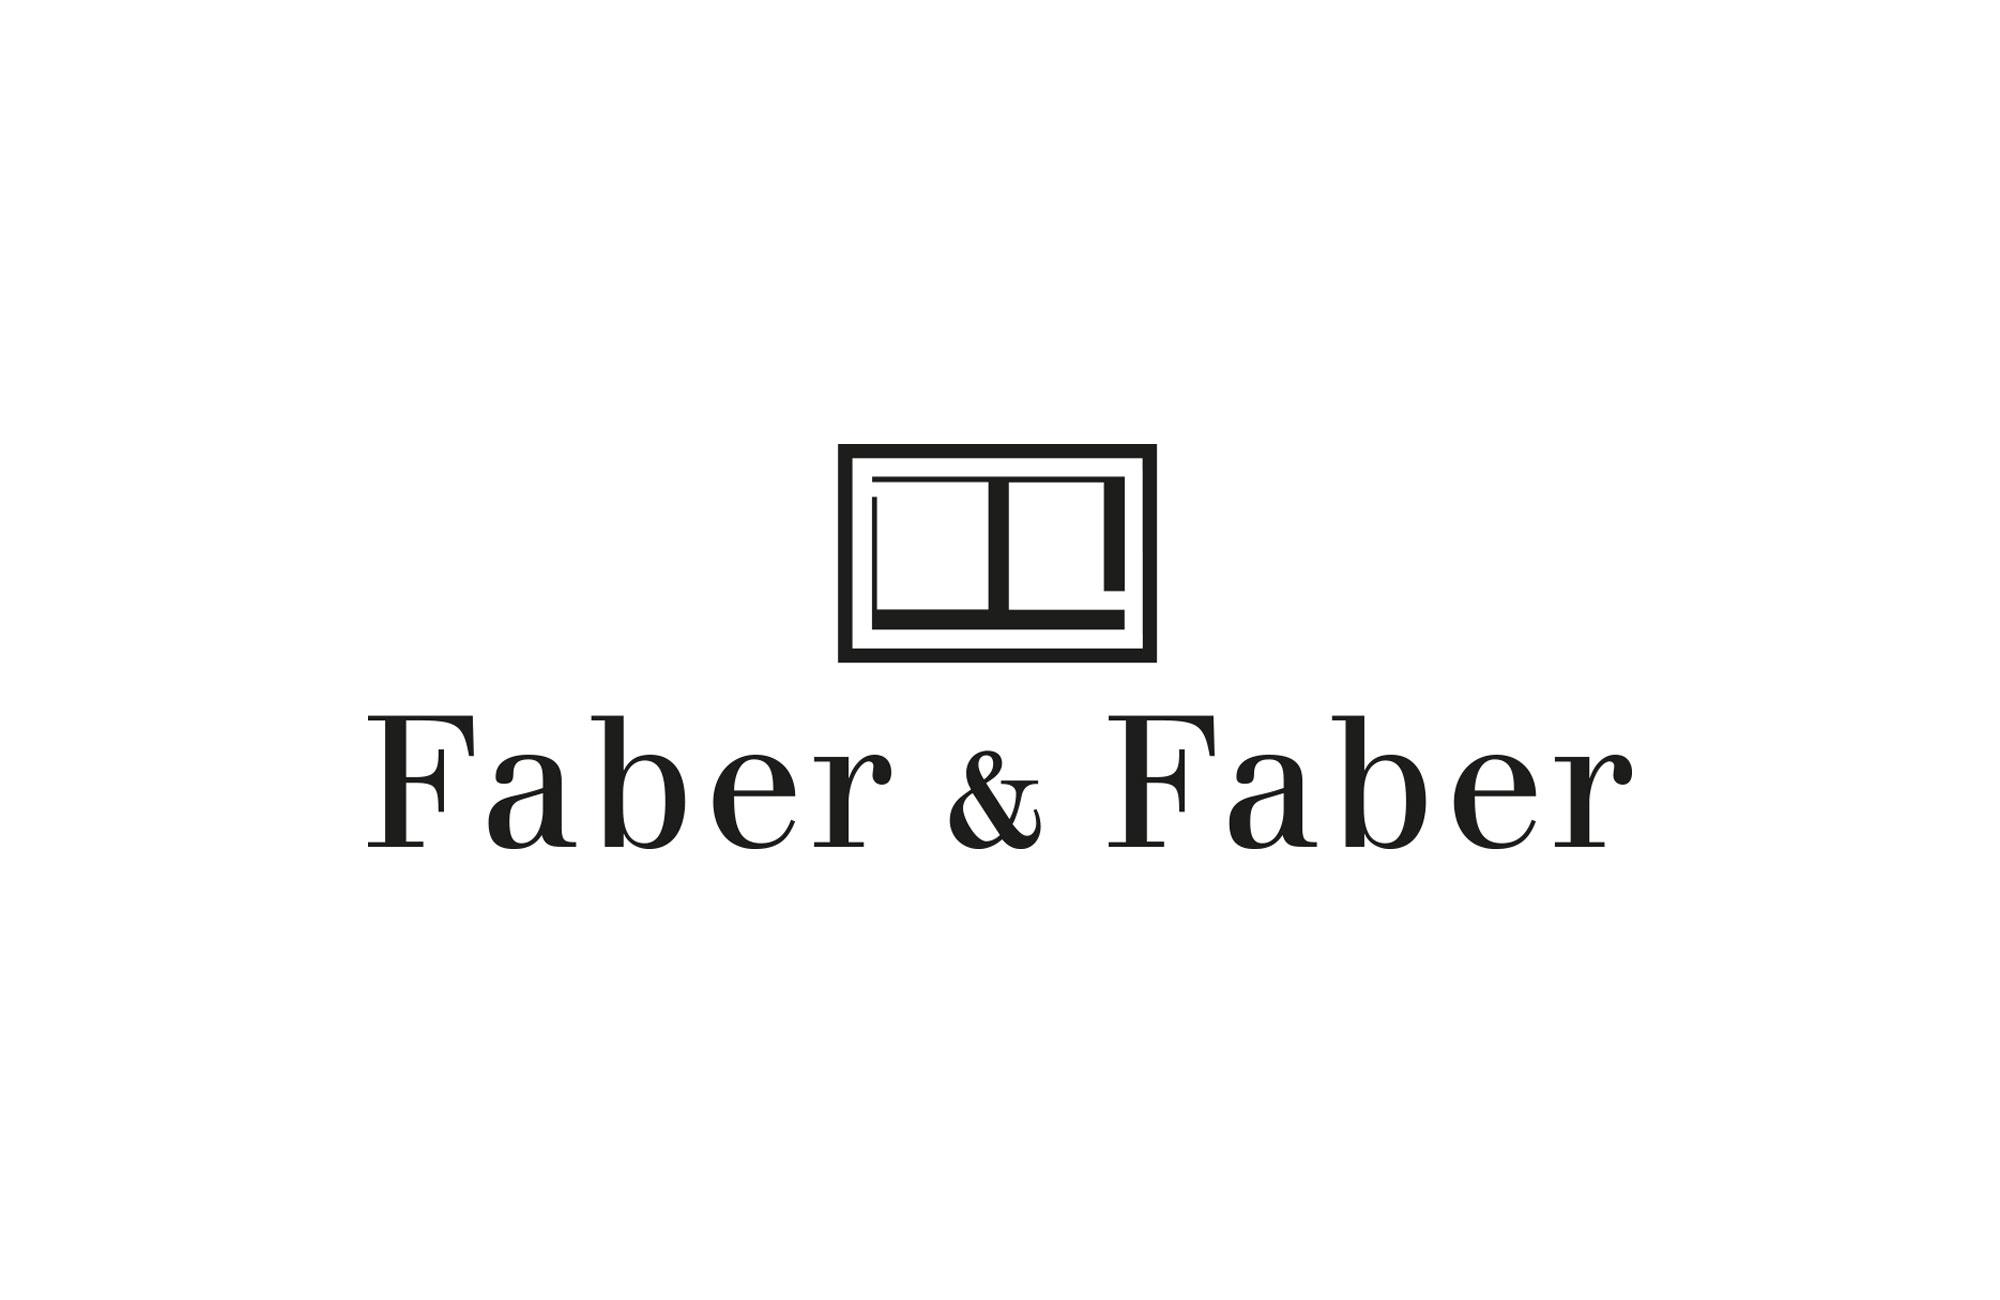 Logo Faber & Faber Verlag (Leipzig)